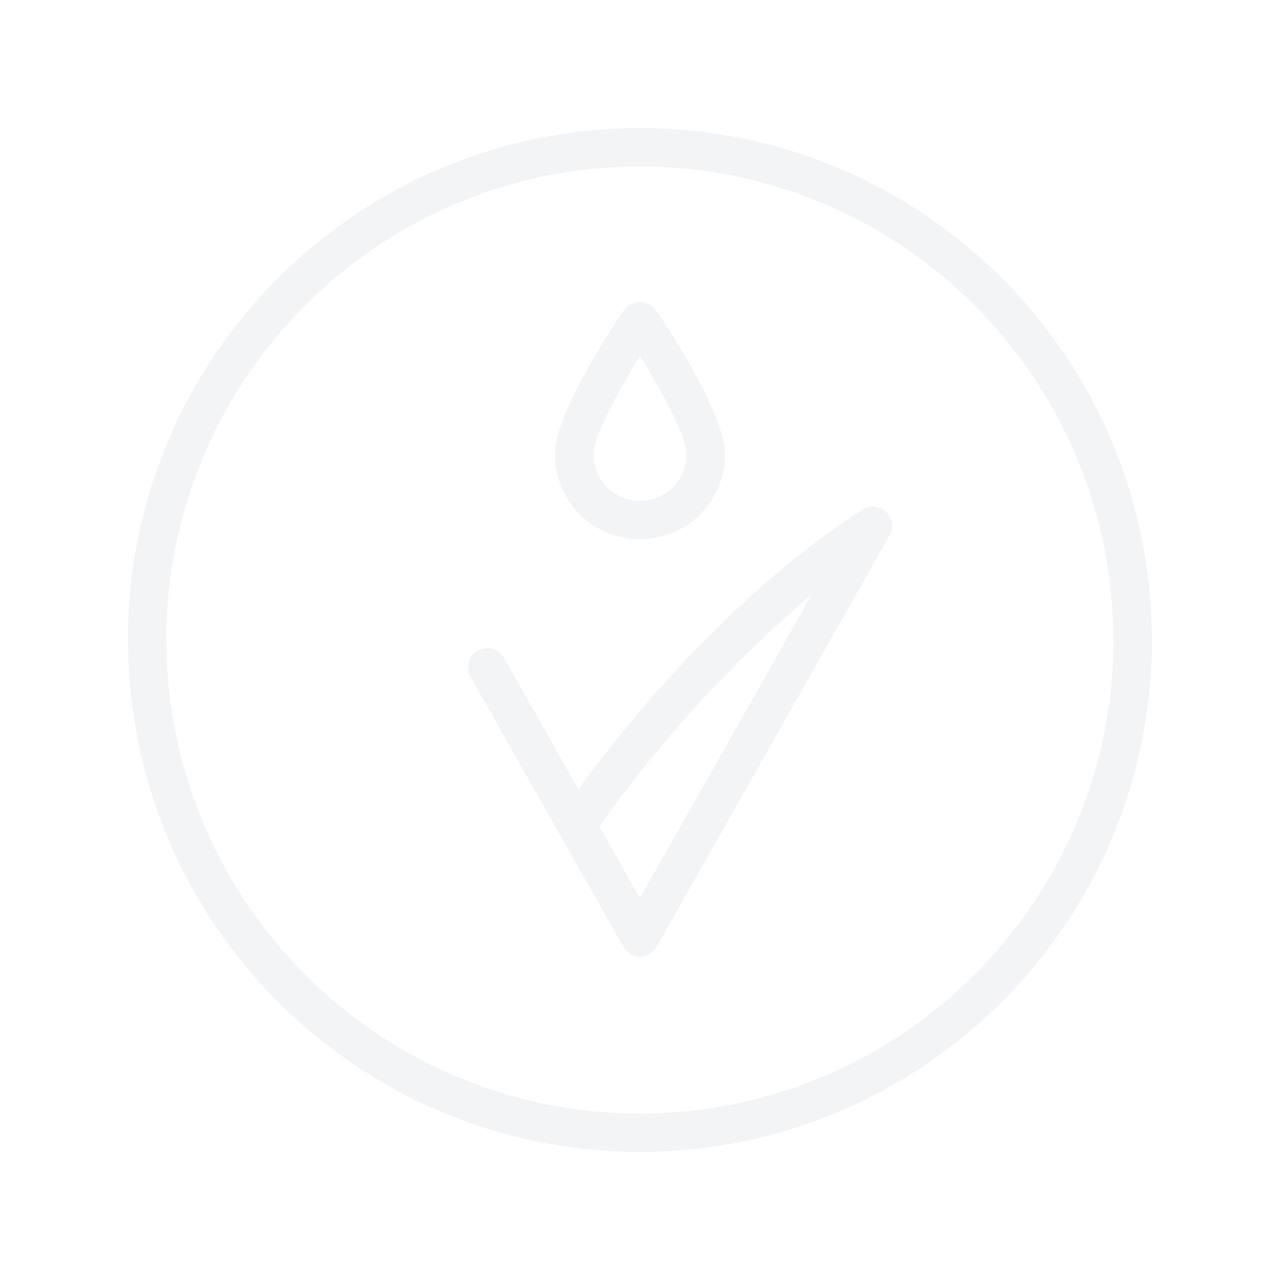 NANSHY Brush & Sponge Cleansing Soap 40g